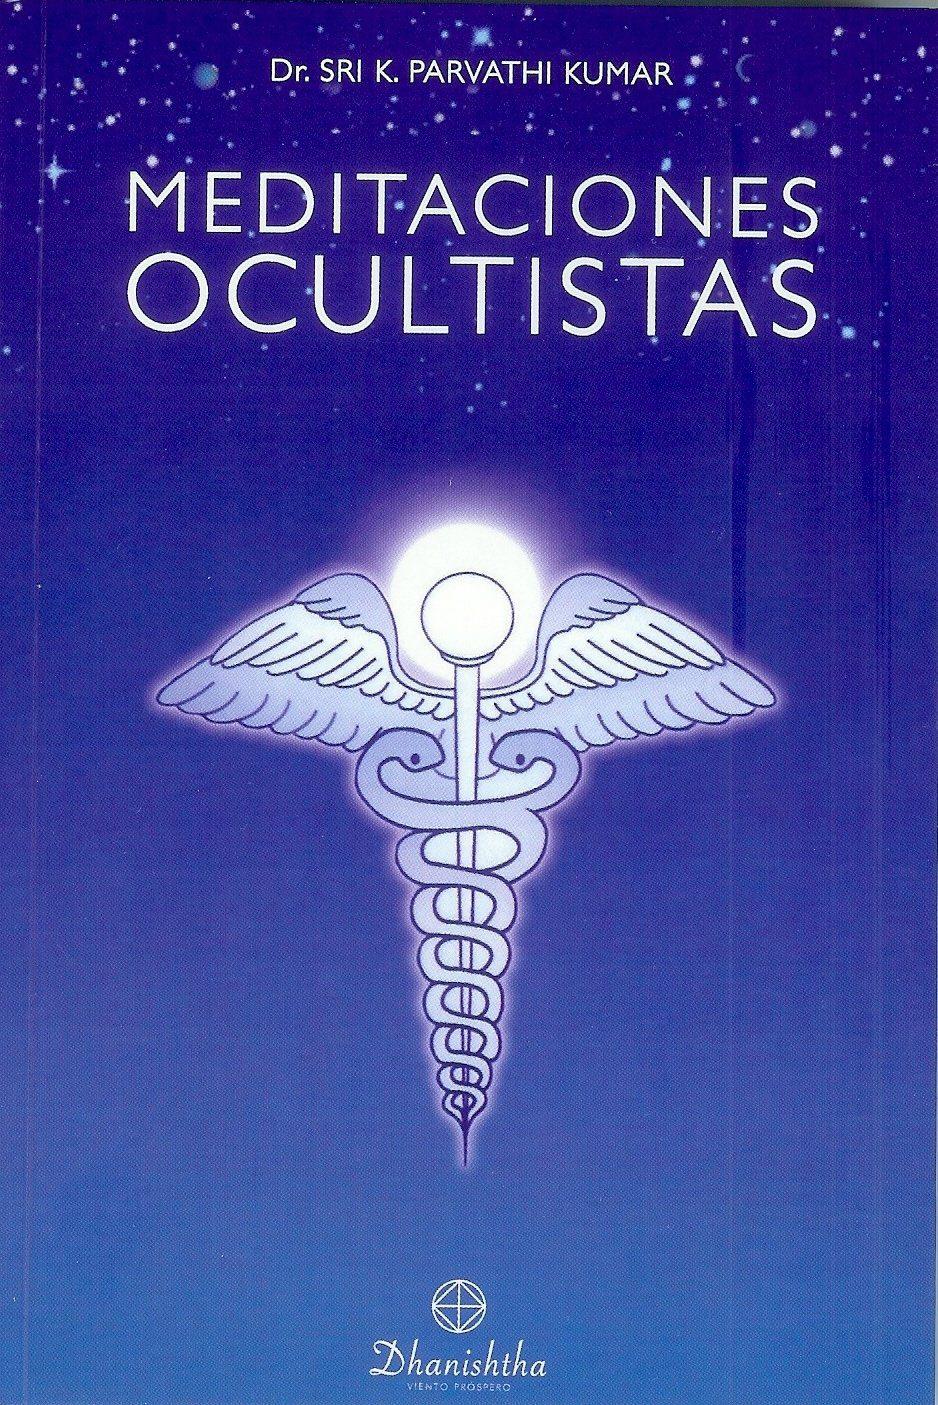 Meditaciones Ocultistas WTT libros de sabiduría gratis en PDF Ediciones dhanishtha